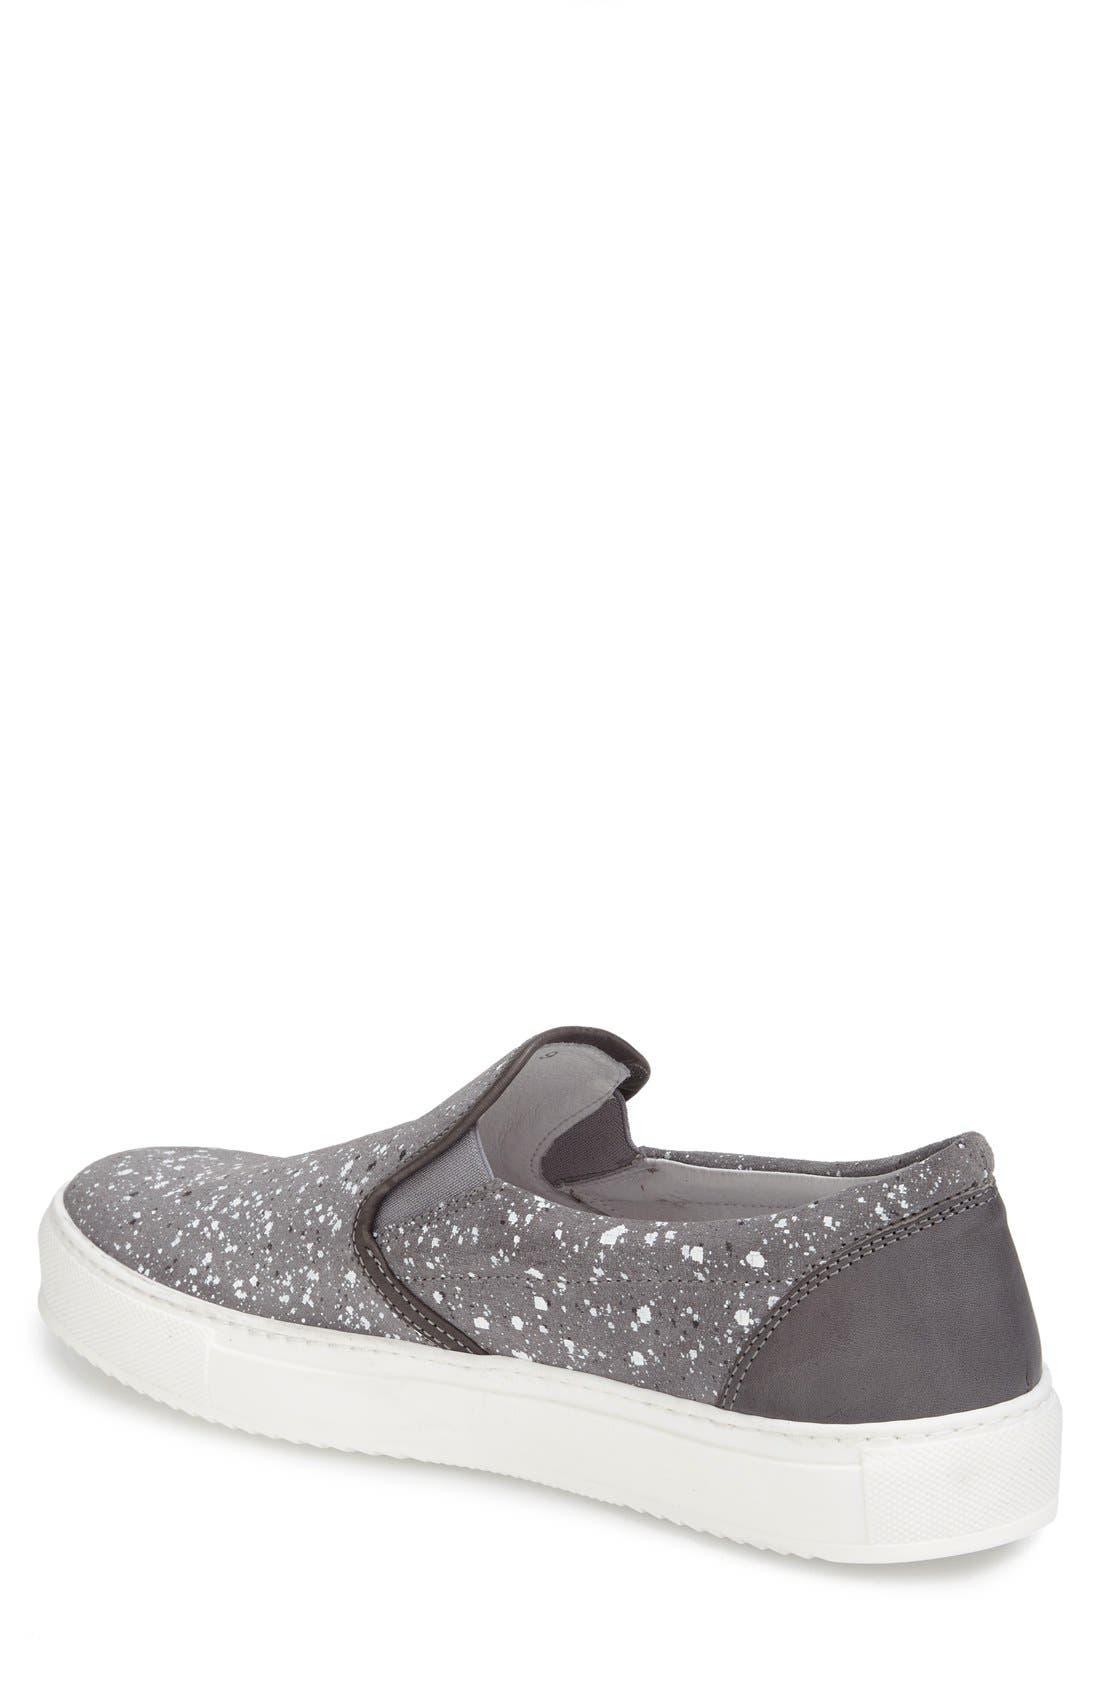 Santorini Slip-On Sneaker,                             Alternate thumbnail 7, color,